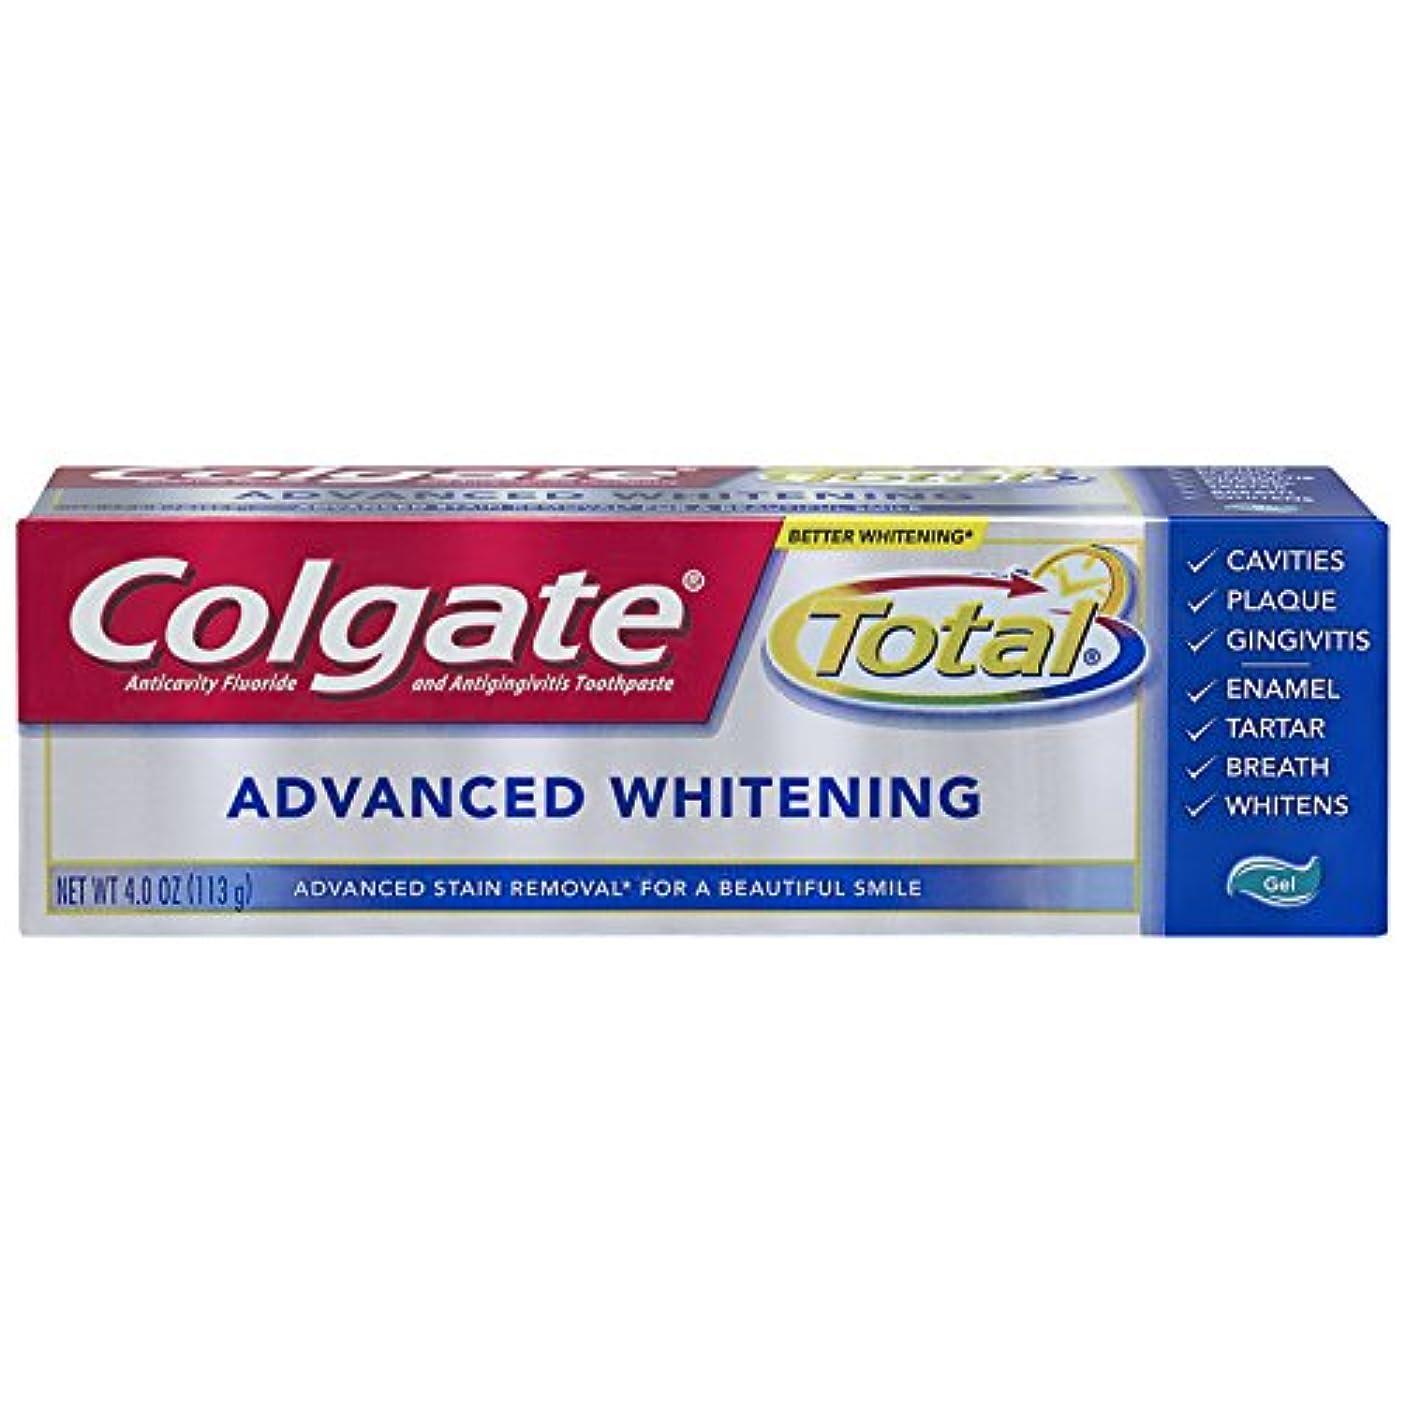 レーニン主義調和のとれた教育者Colgate 総アドバンストホワイトニングジェル歯磨き - 4.0オンス(6パック)